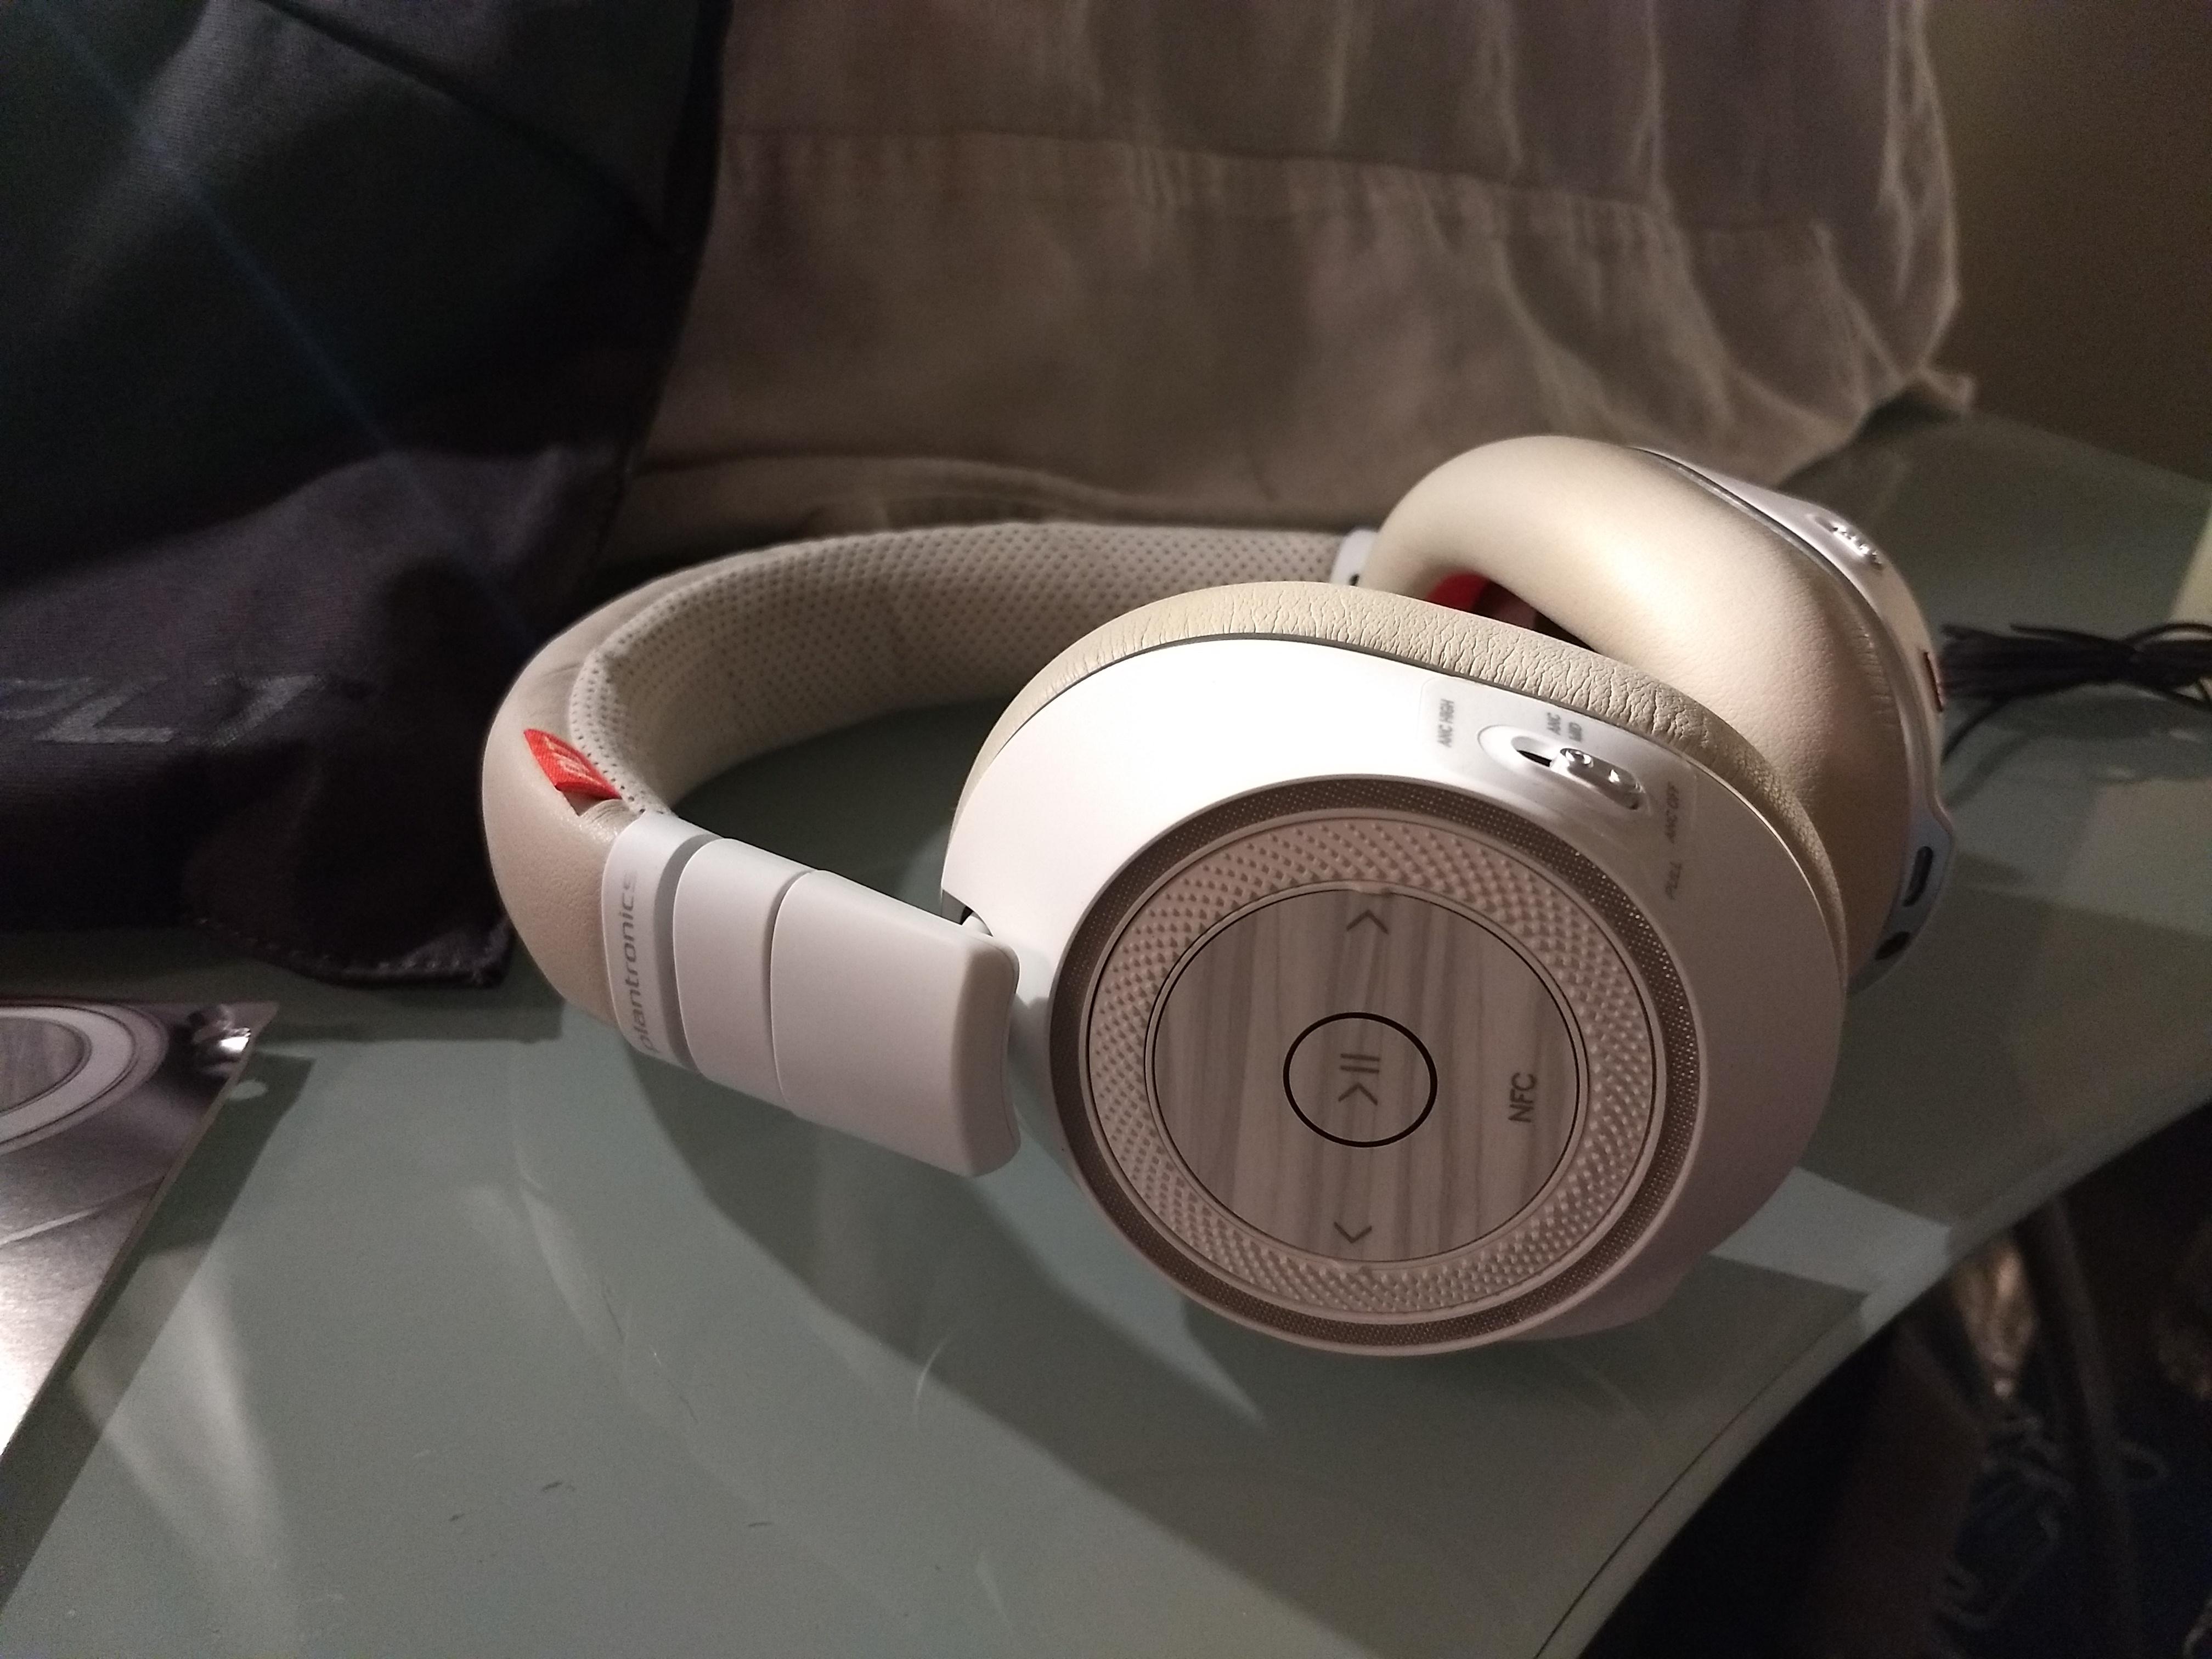 2 casques audio en même sur 2 ports usb distinct